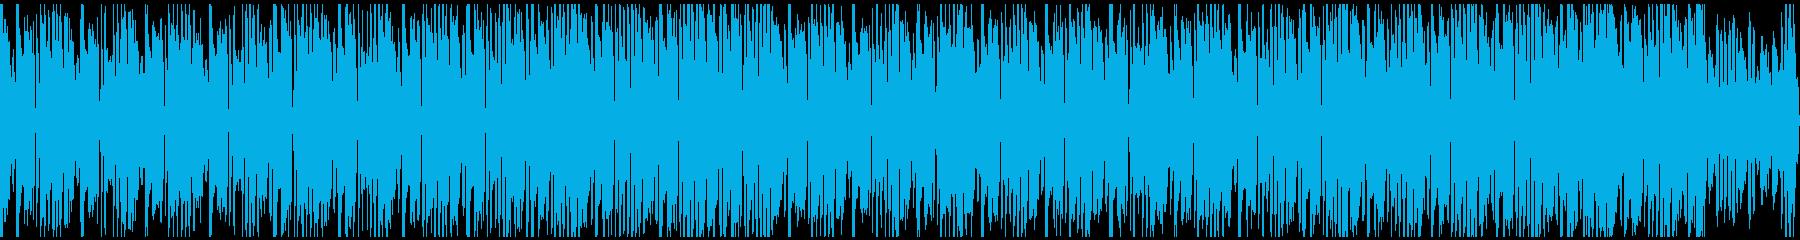 逃走シーンなど・高速テンポ約45秒ループの再生済みの波形